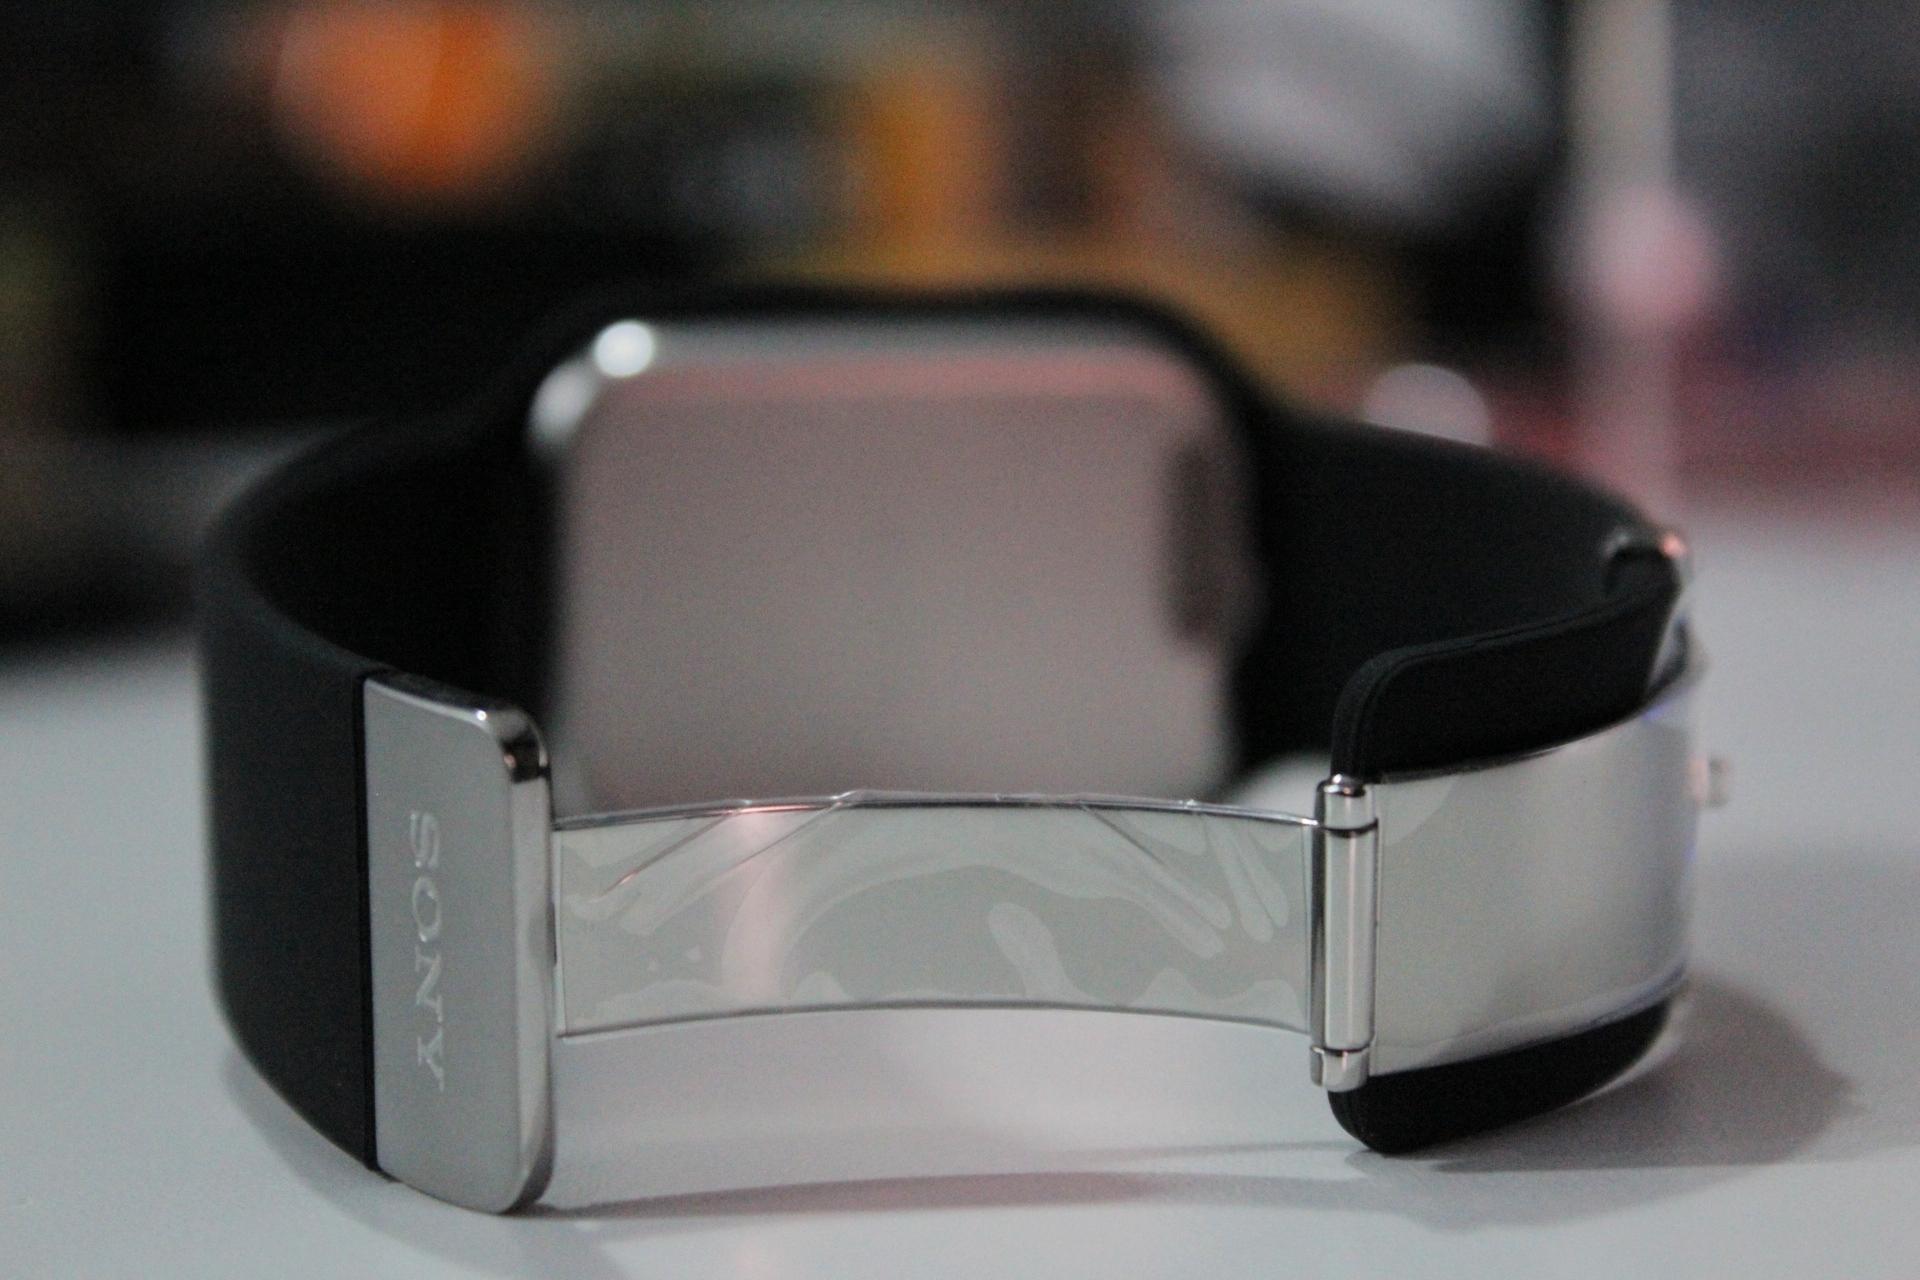 Sony SmartWatch 3 16